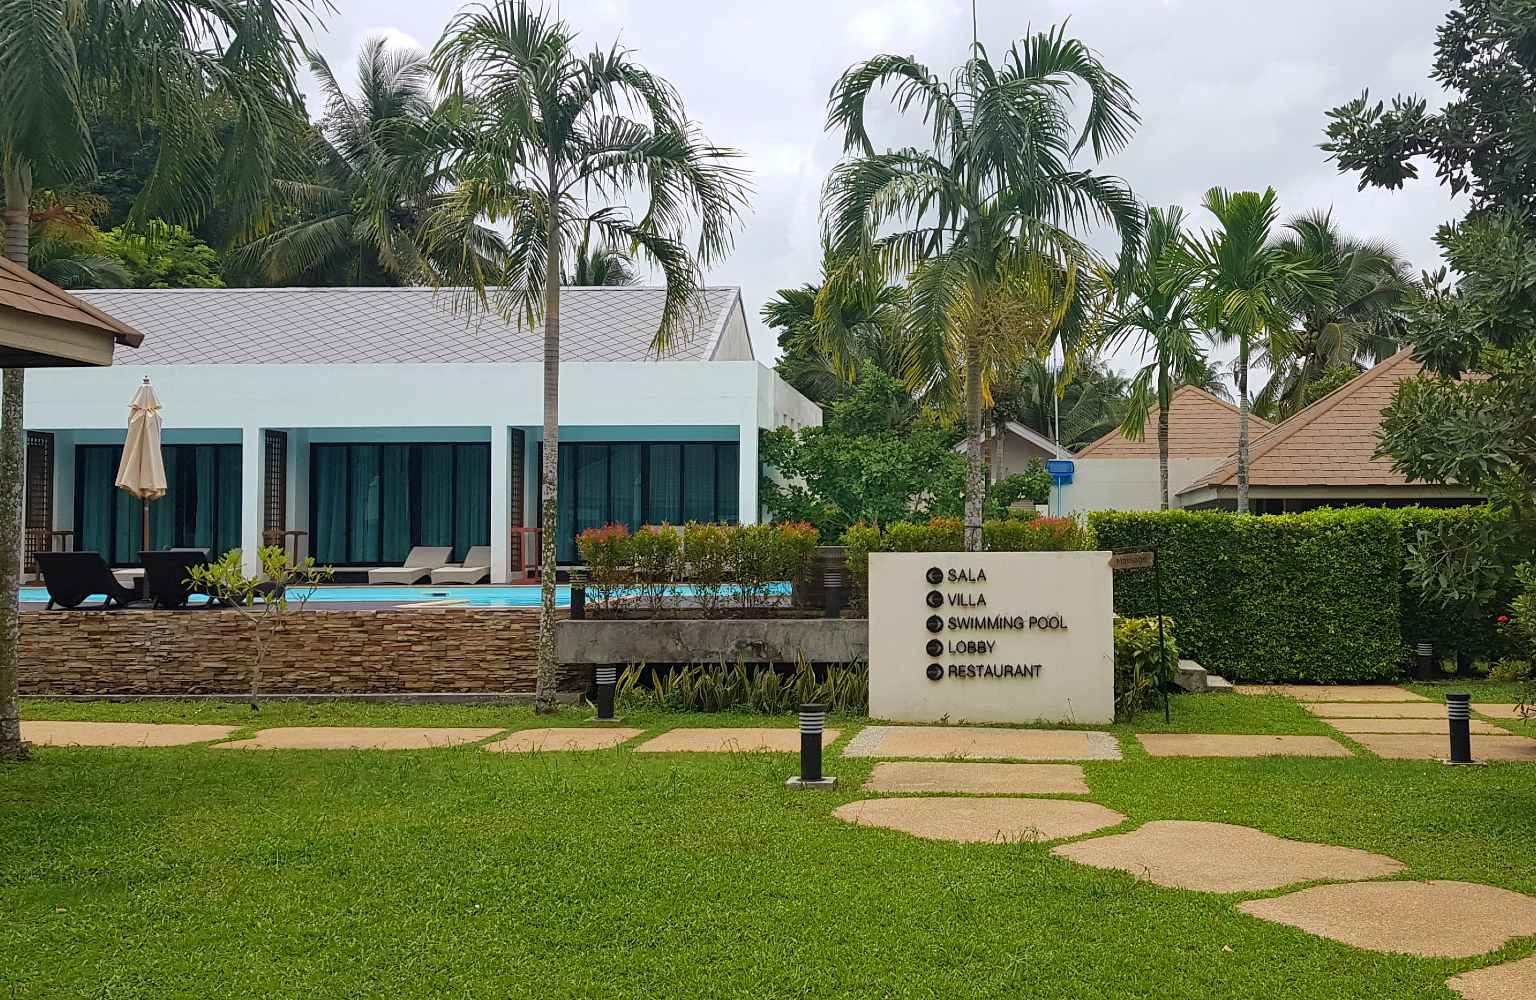 resort terrein met mooi aangelegde tuin rondom het zwembad